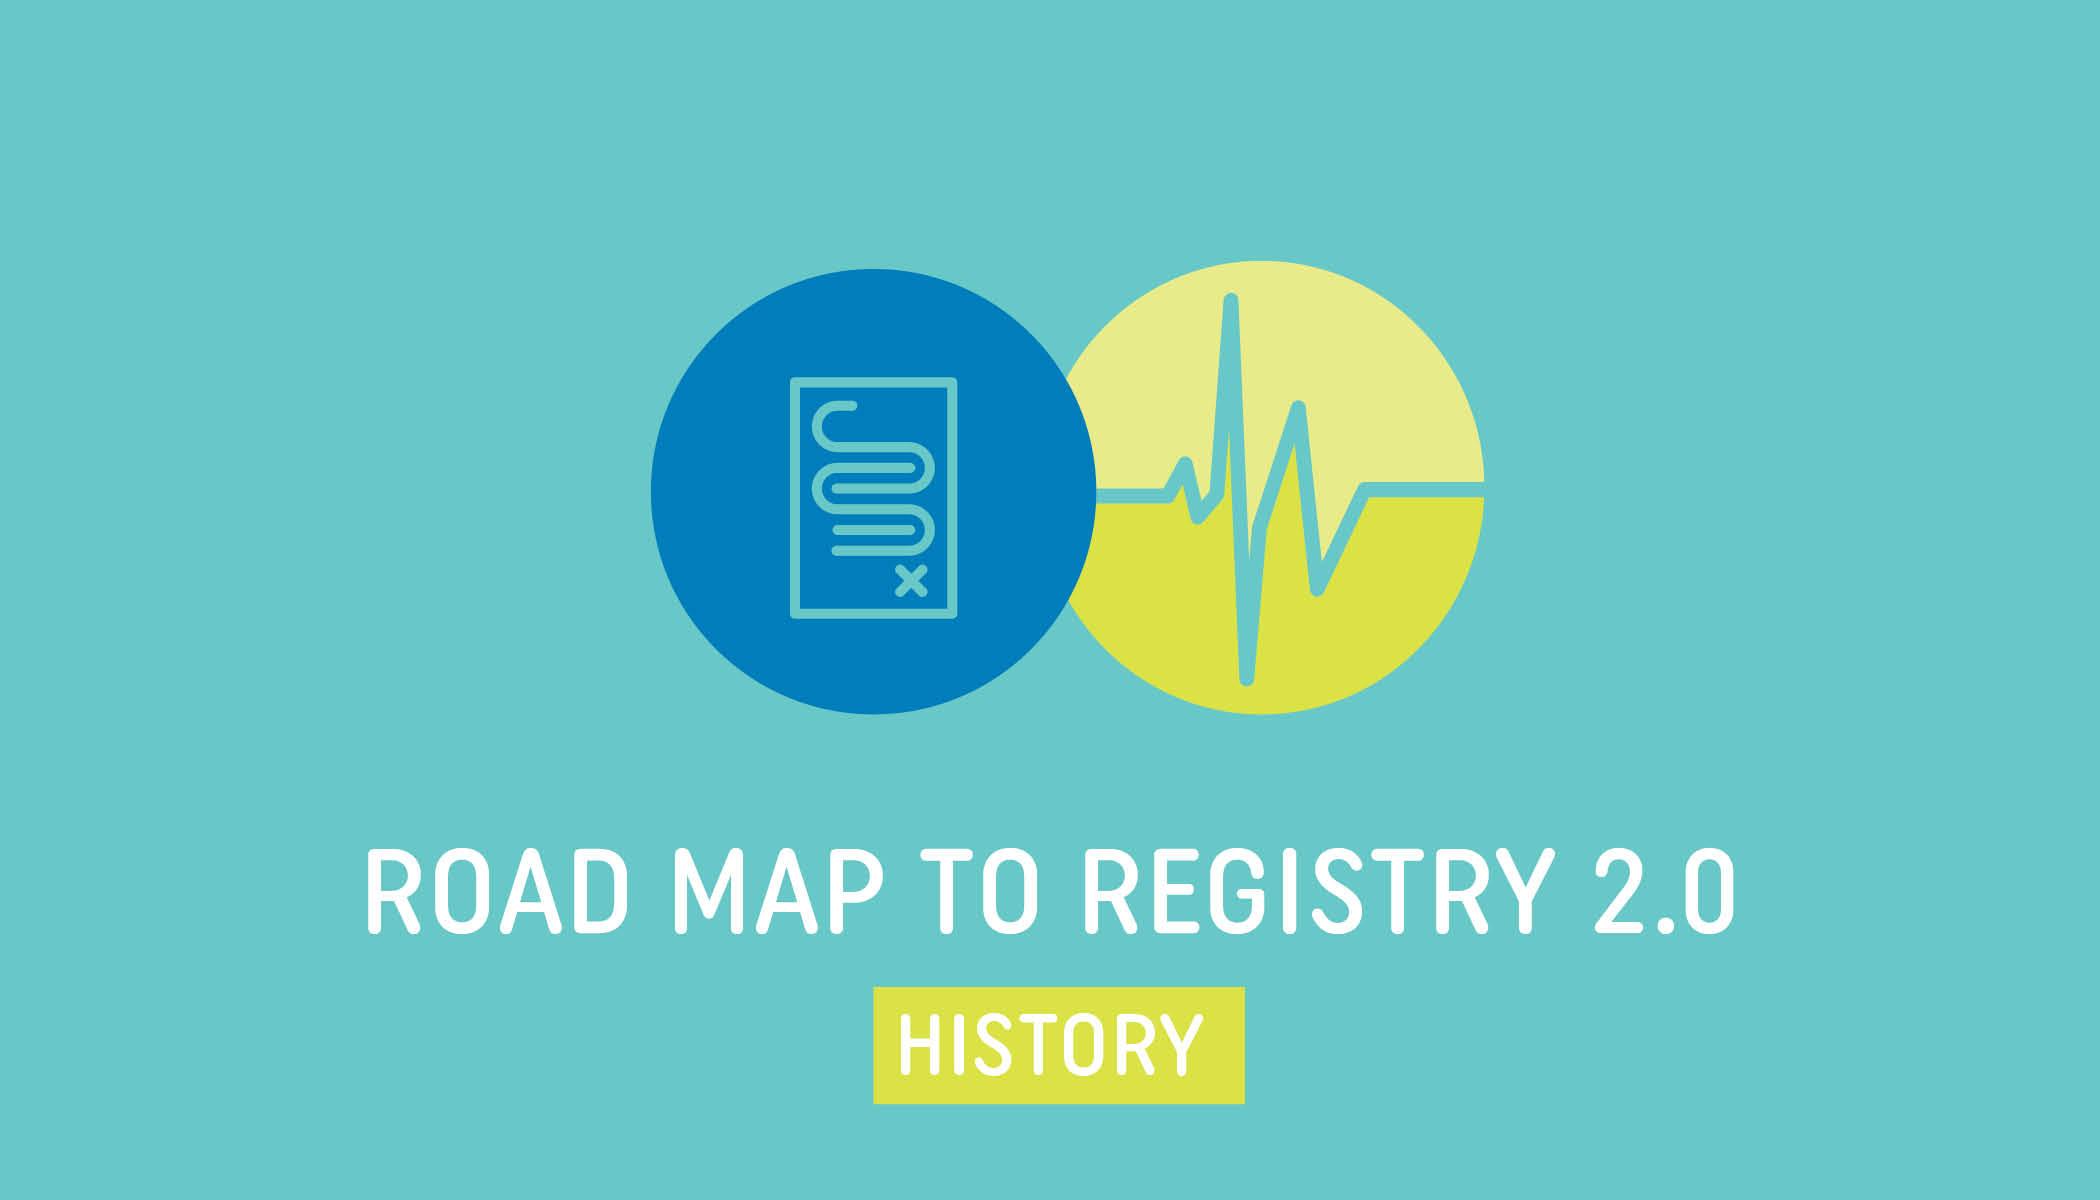 Roadmap to Registry